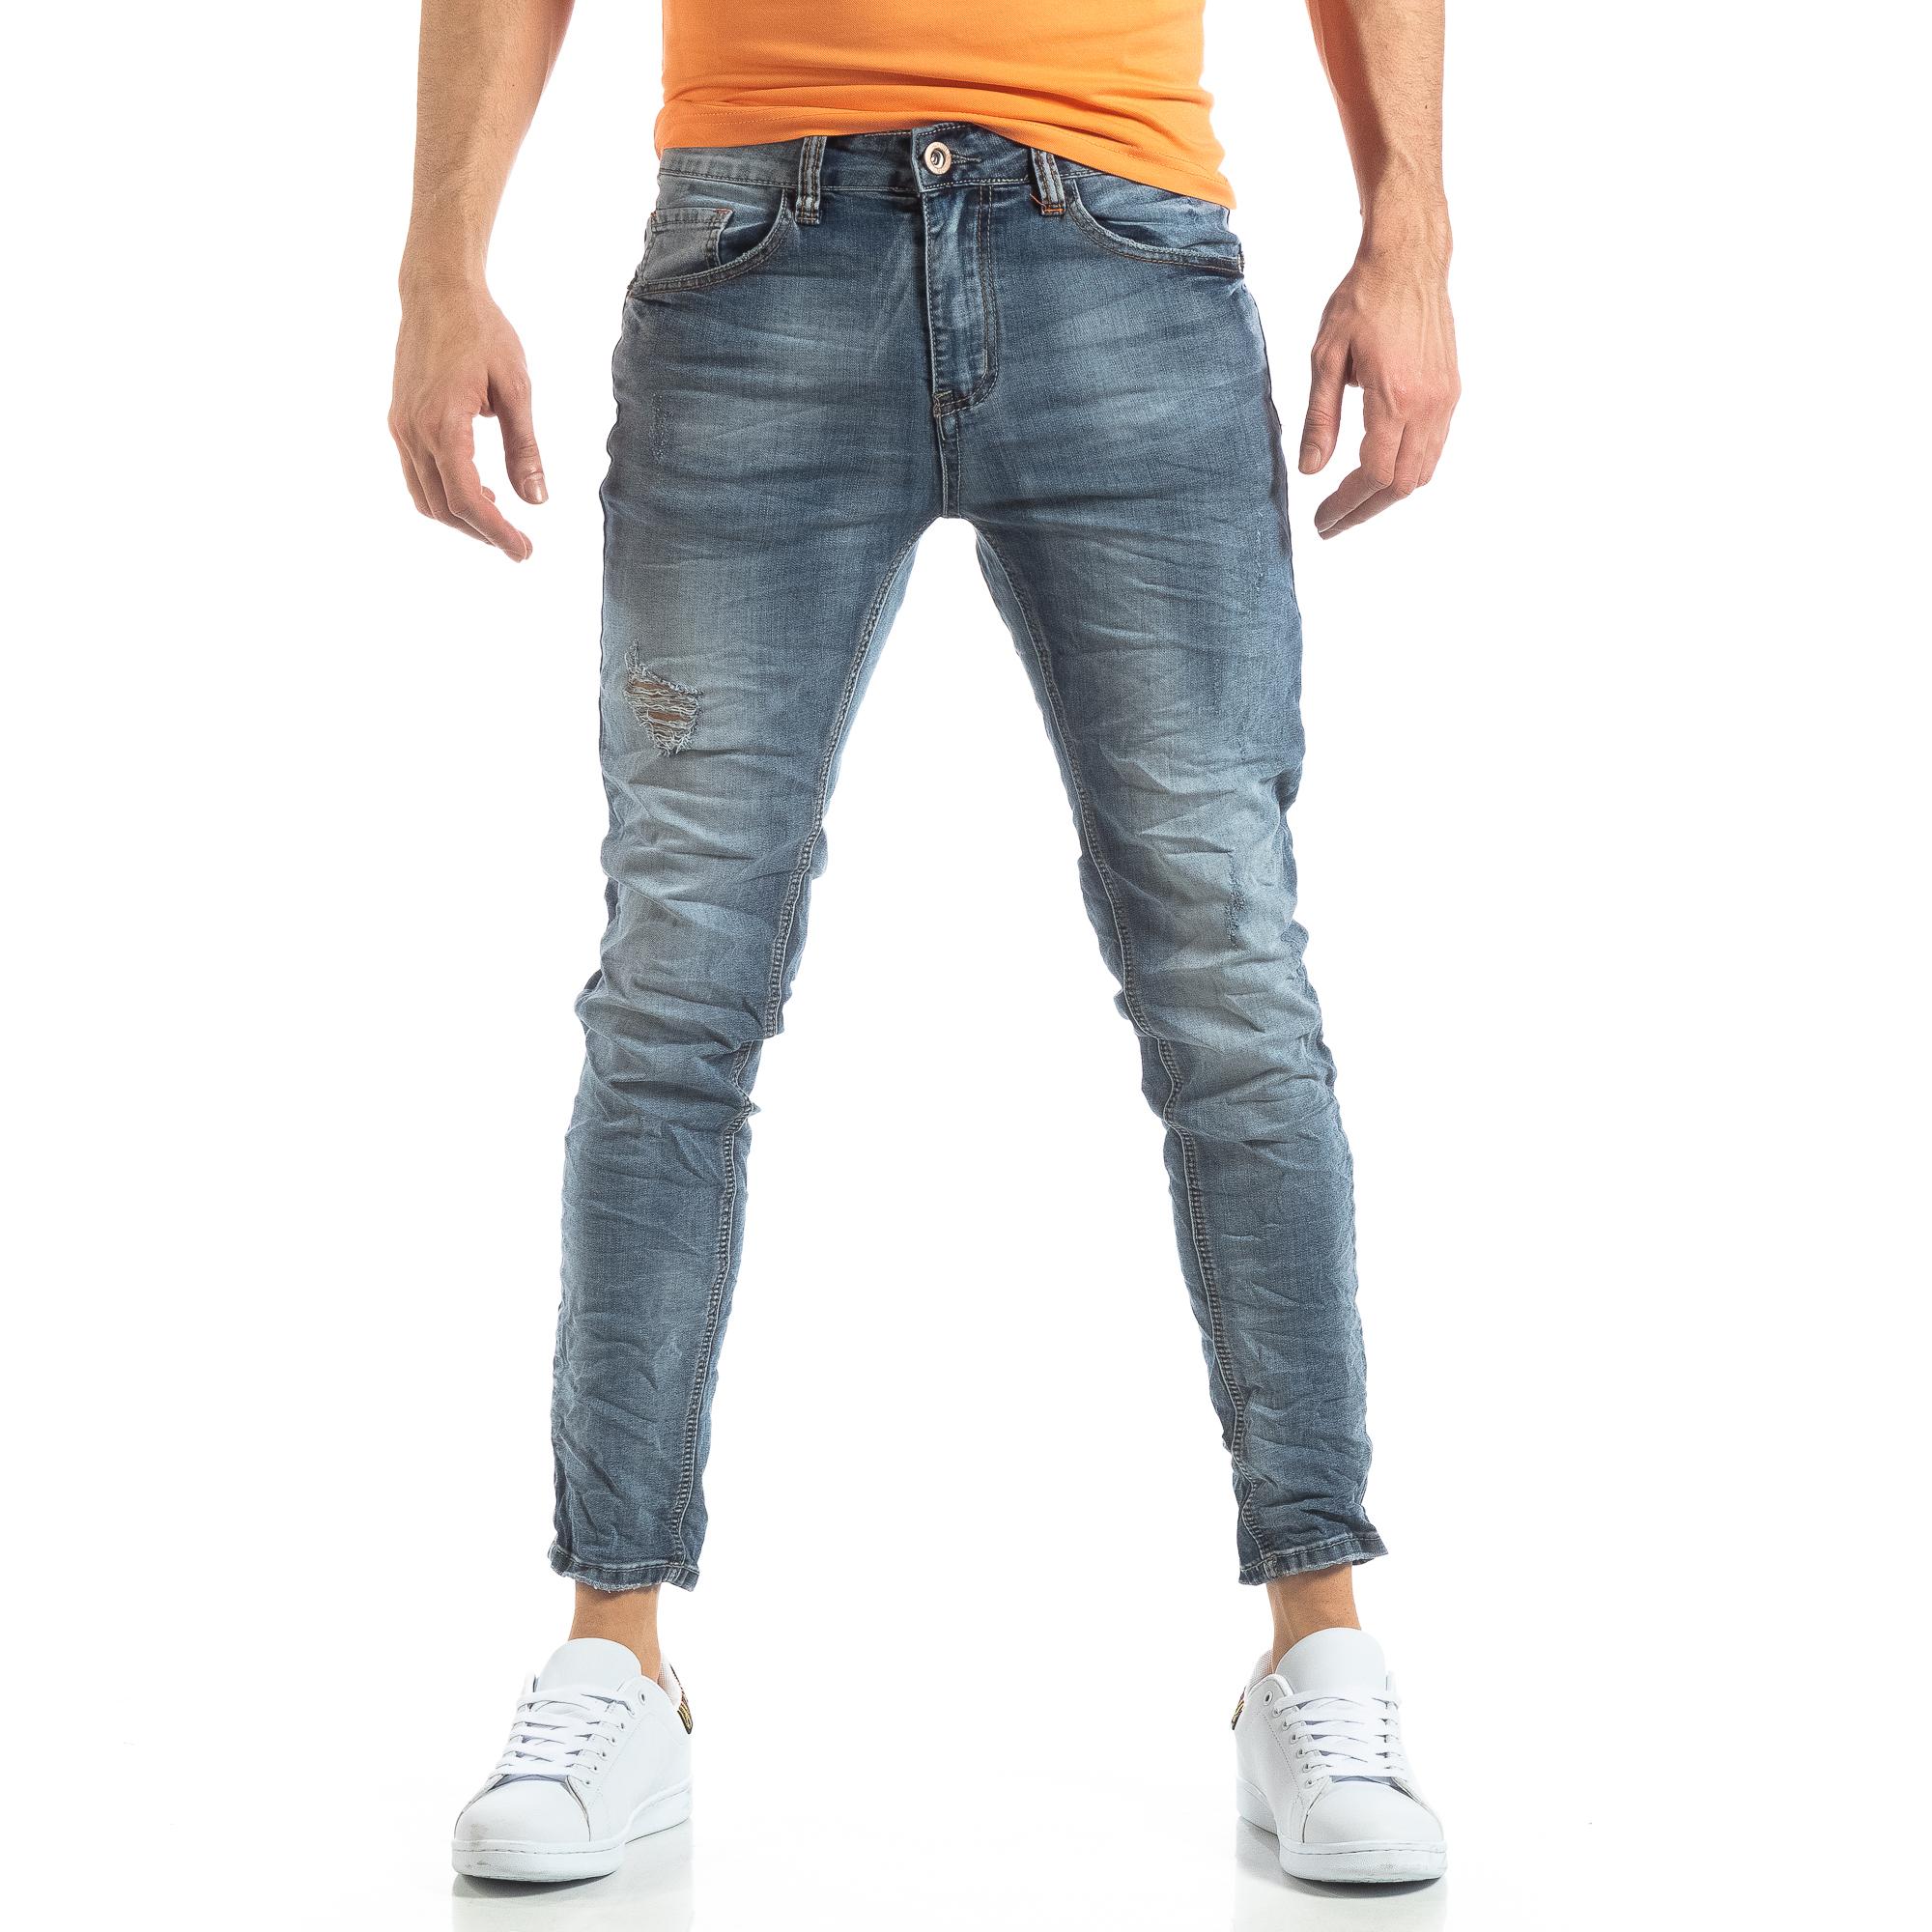 Ανδρικό γαλάζιο τζιν Washed Slim Jeans